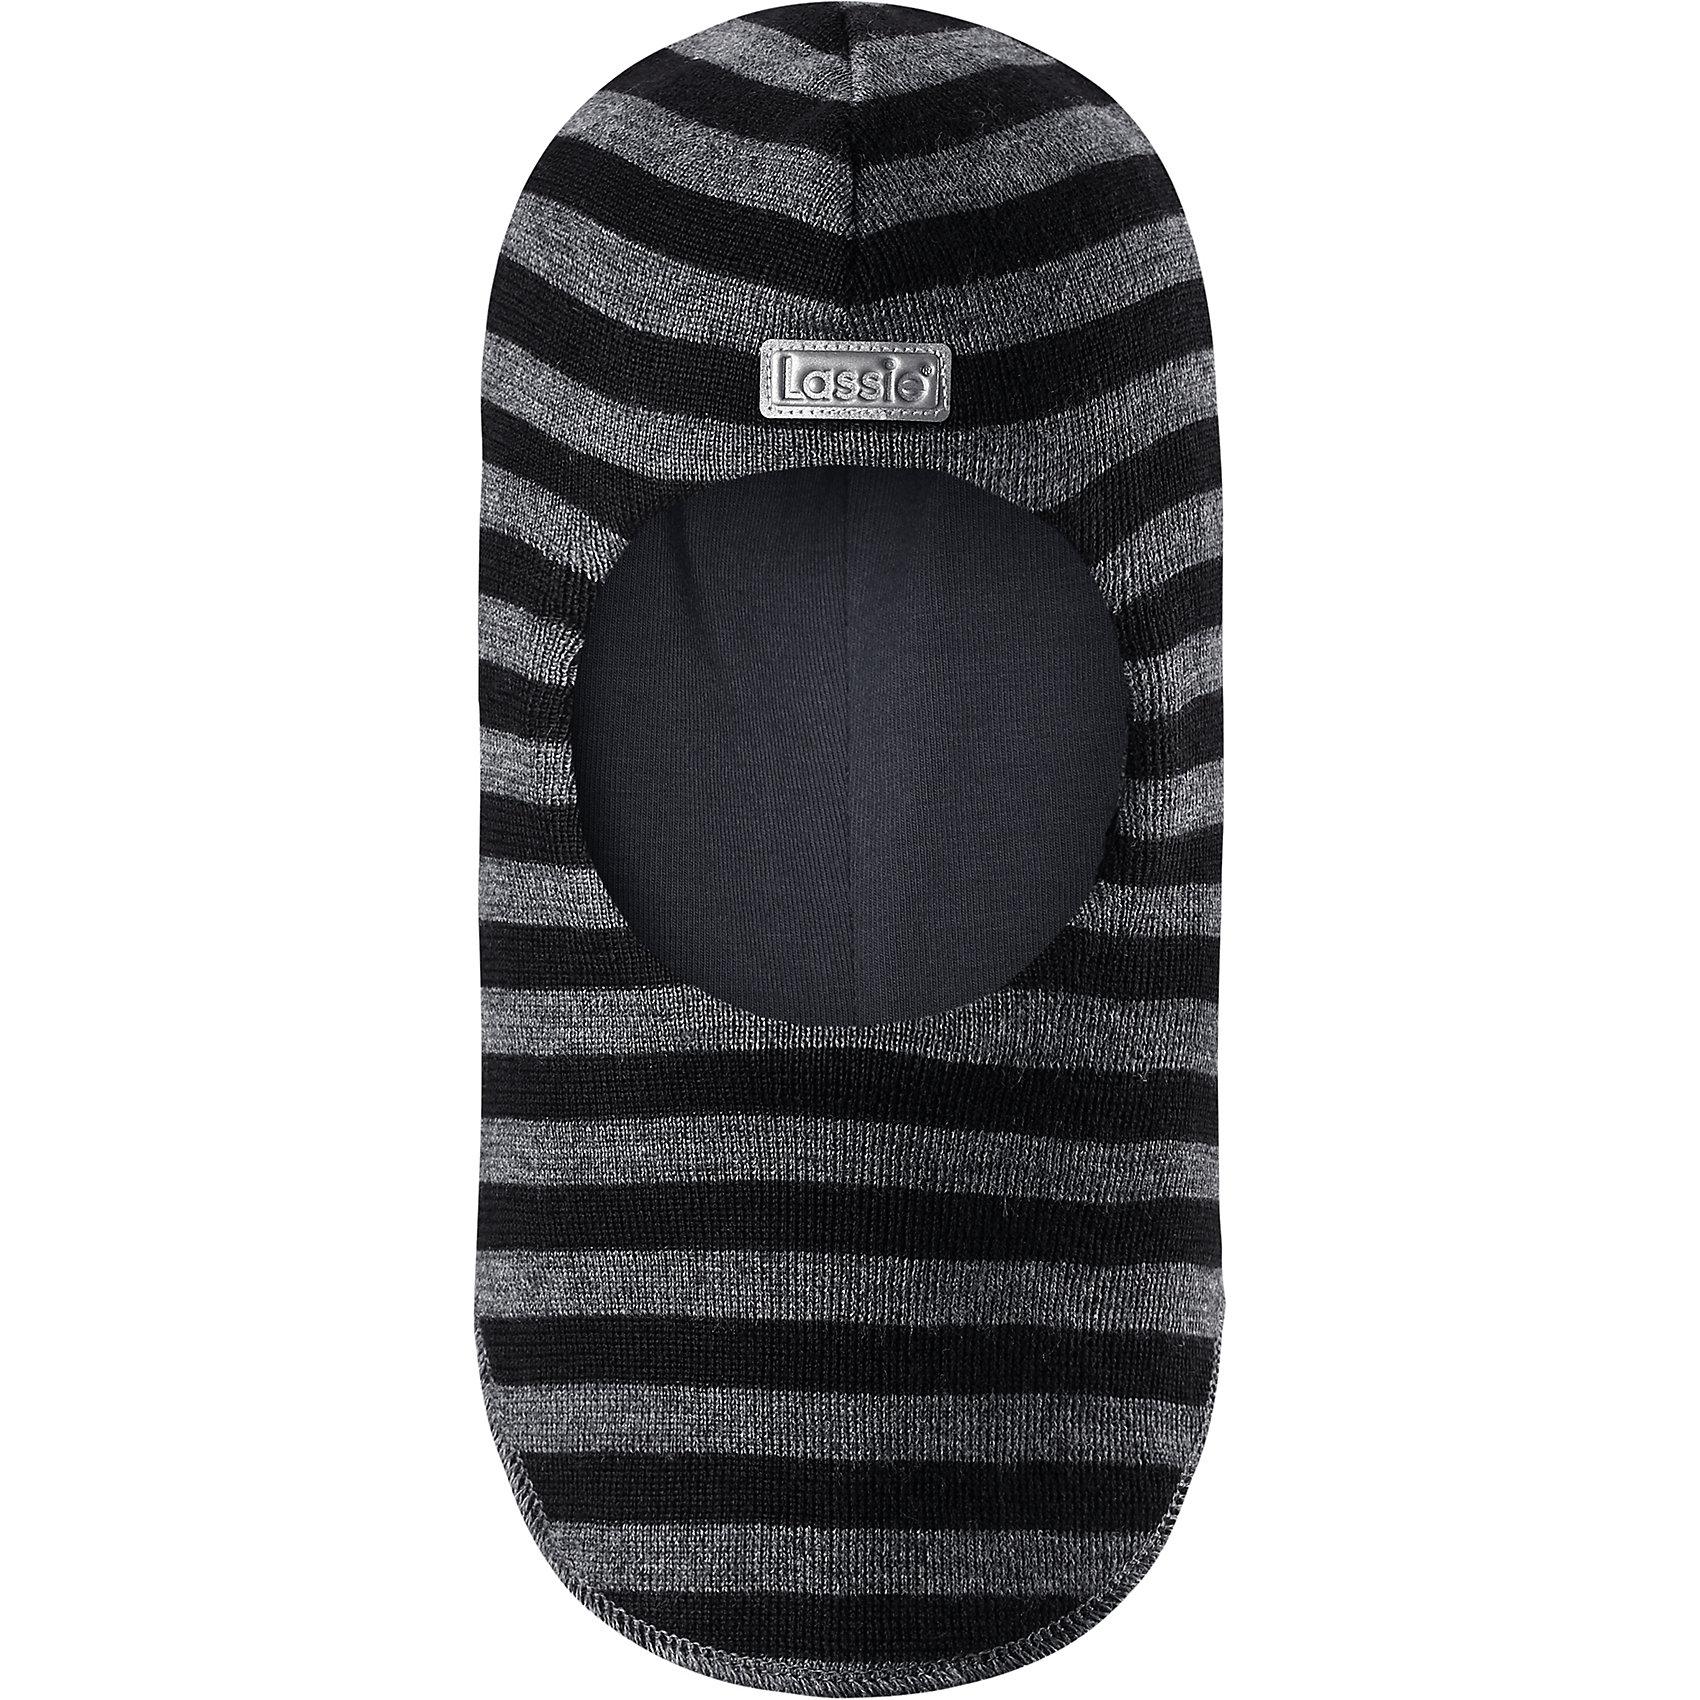 Шапка LassieШапки и шарфы<br>Вперед, полоски! Эта шапка-шлем для малышей и детей постарше изготовлена из нежной полушерстяной пряжи. Ветронепроницаемые вставки в области ушей защищают ушки во время зимних прогулок. Яркие цвета в сочетании со стильными полосками создают завершенный образ.<br>Состав:<br>50% Шерсть, 50% Полиакрил<br><br>Ширина мм: 89<br>Глубина мм: 117<br>Высота мм: 44<br>Вес г: 155<br>Цвет: черный<br>Возраст от месяцев: 72<br>Возраст до месяцев: 144<br>Пол: Унисекс<br>Возраст: Детский<br>Размер: 54-56,44-46,46-48,50-52<br>SKU: 6905667